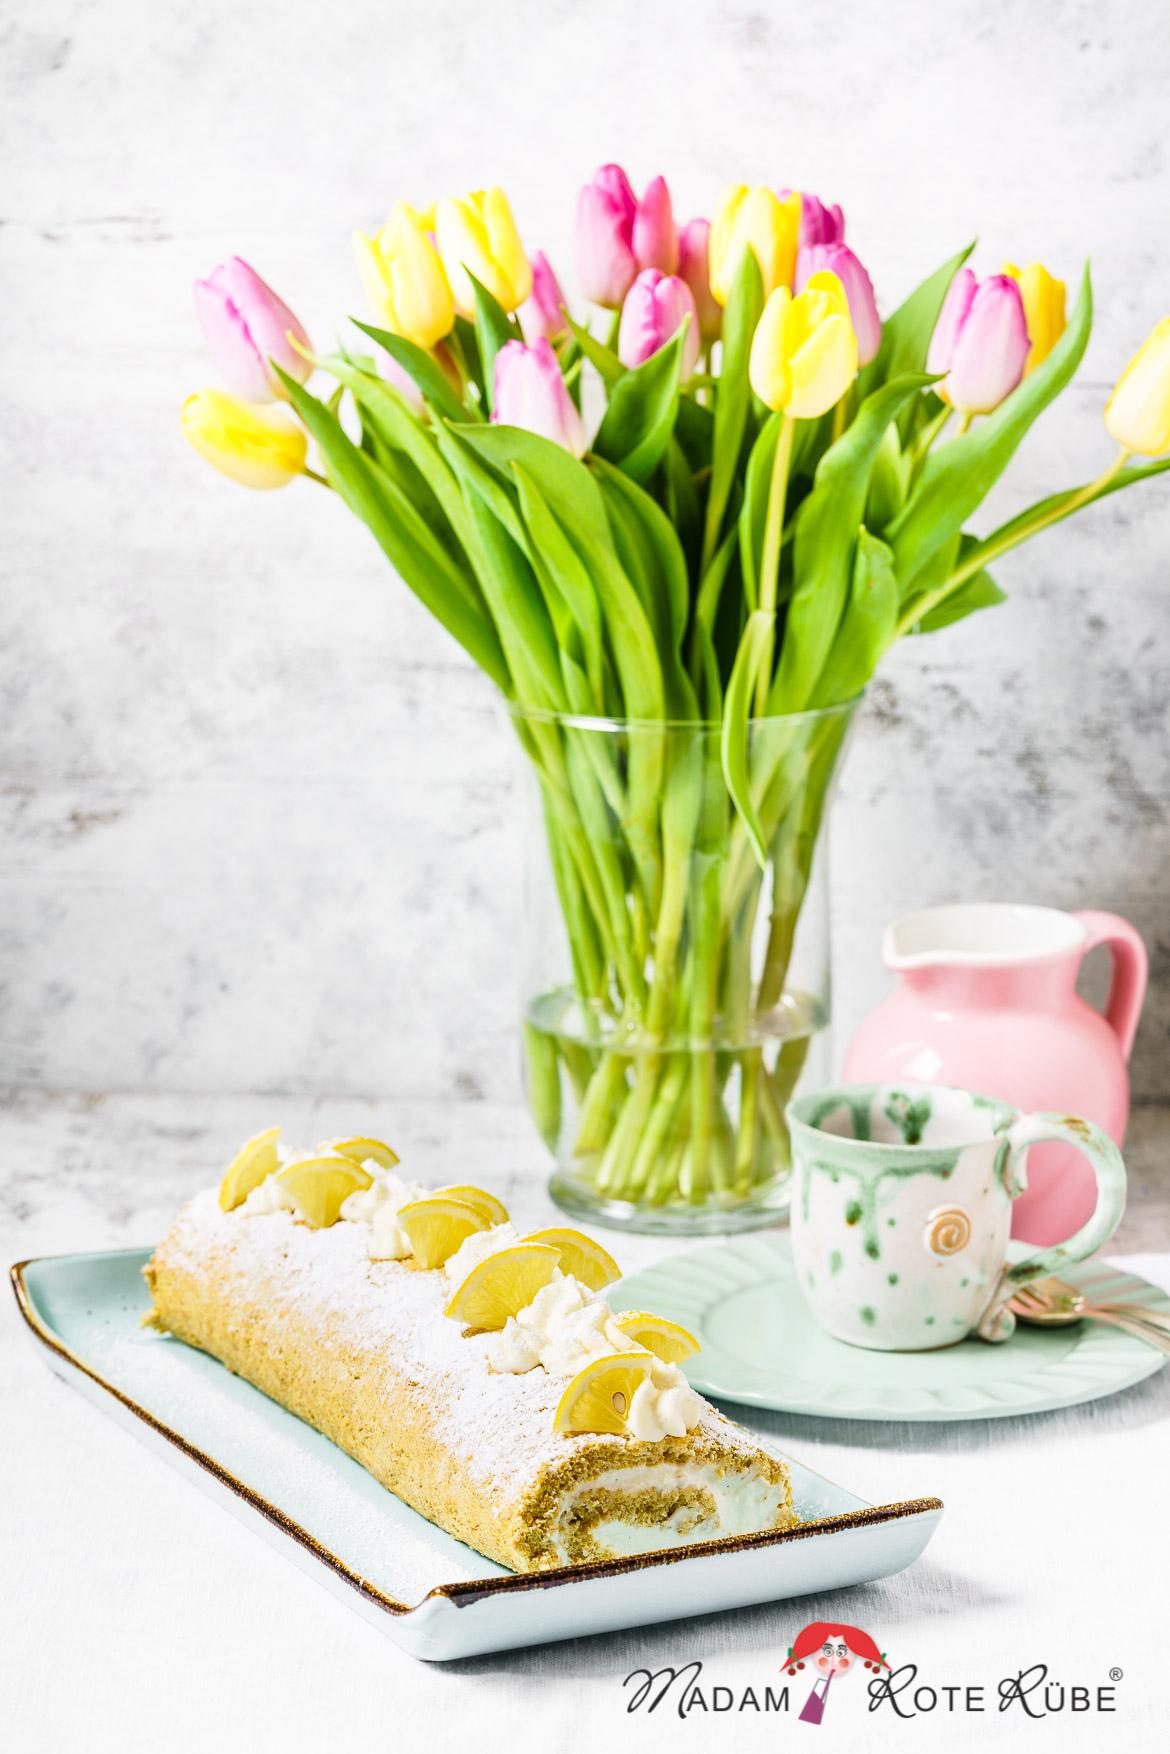 Madam Rote Rübe - Dinkelvollkorn-Biskuitrolle mit Zitronen-Joghurt-Sahne